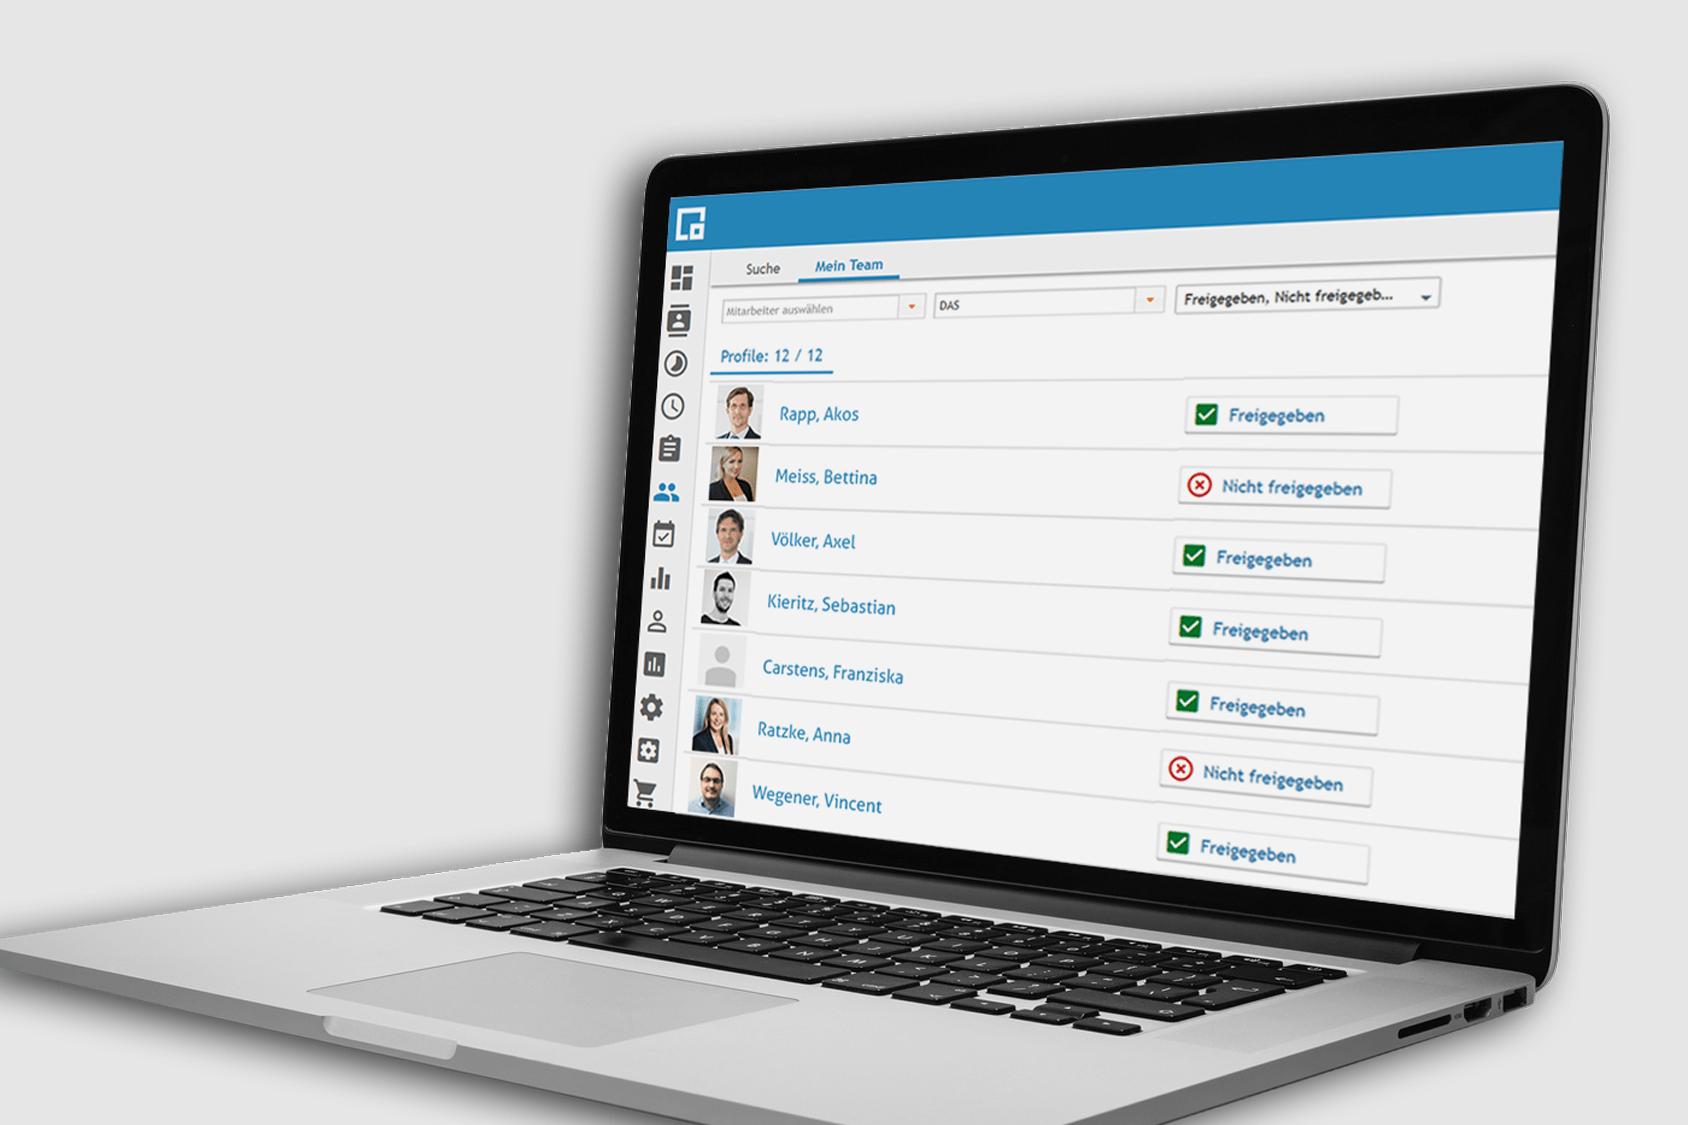 Erfolgreicher Decídalo-Relaunch – Gutes Kunden-Feedback Für Unsere Neue Benutzeroberfläche